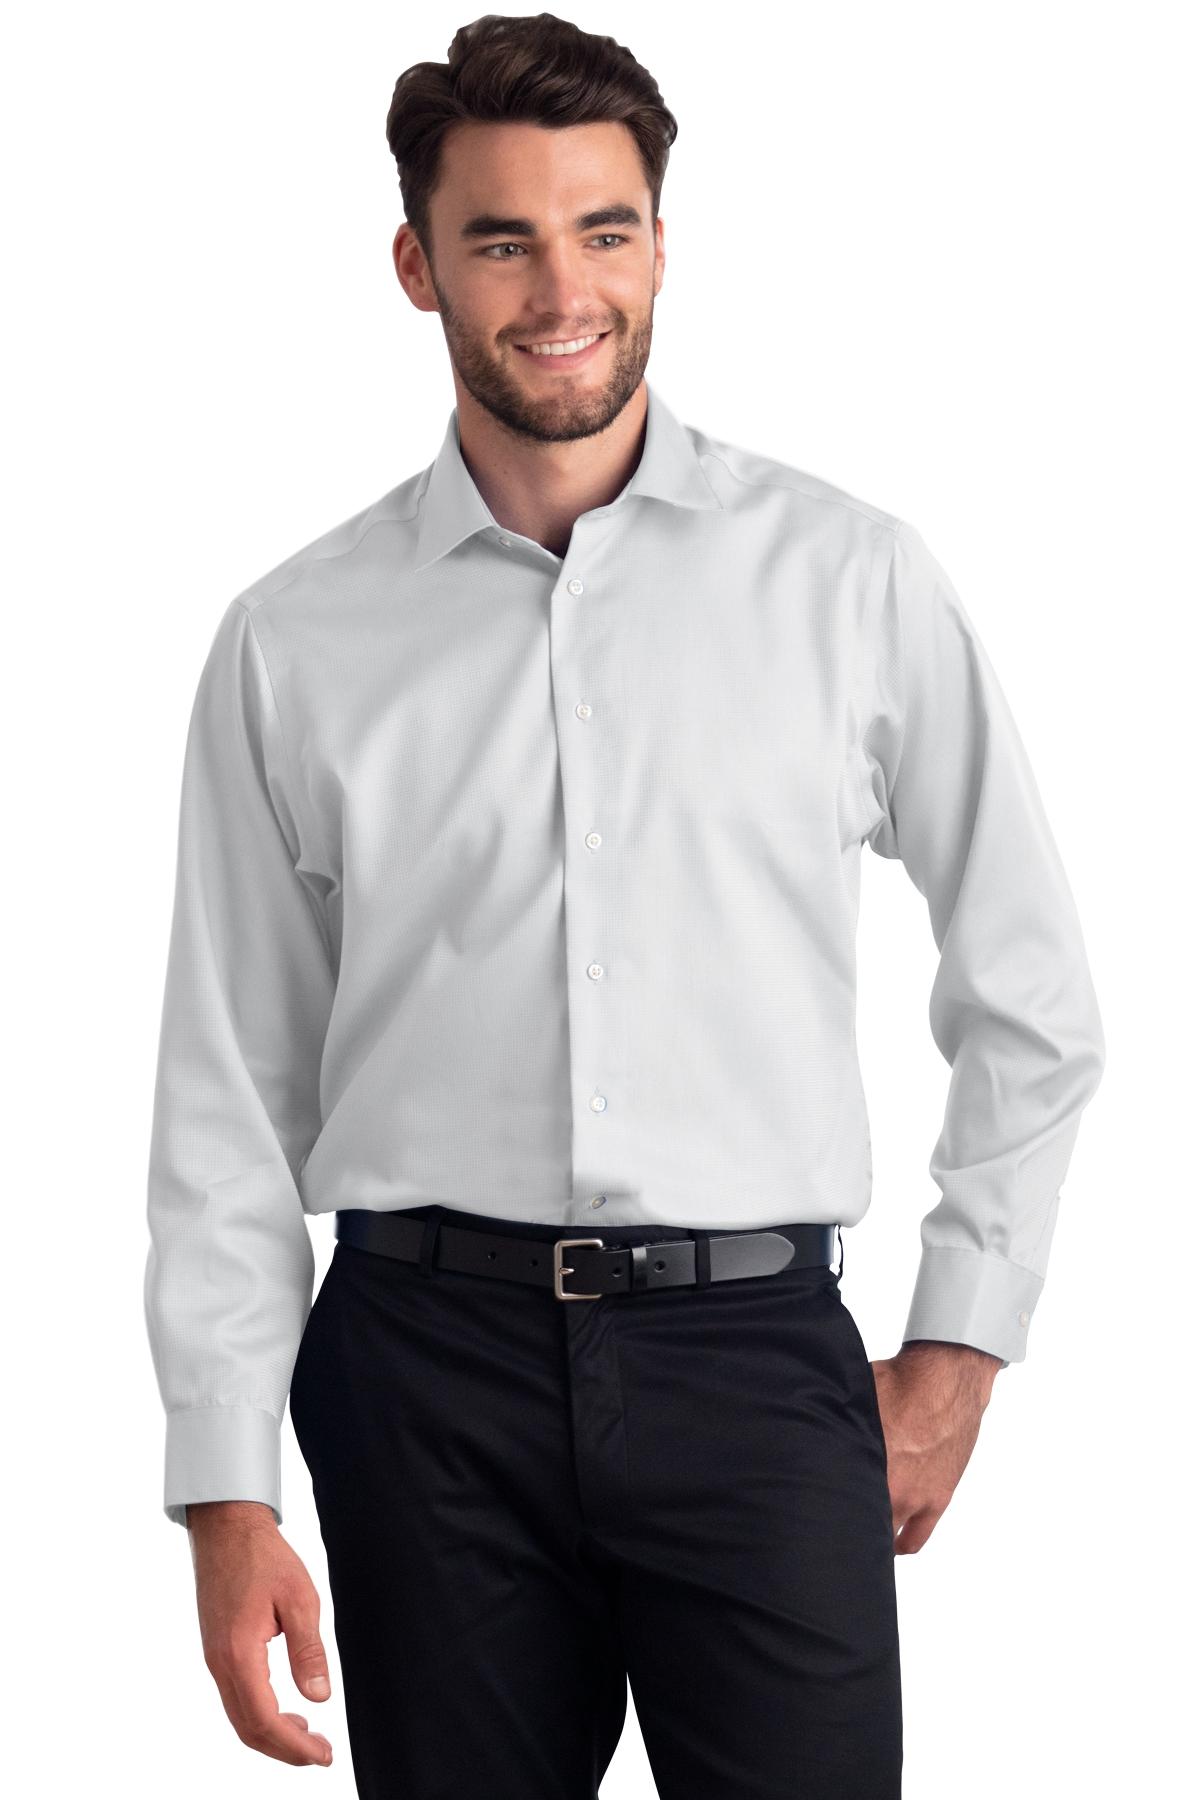 Calvin Klein CALV0029 - Men's Non-Iron Dobby Shirt